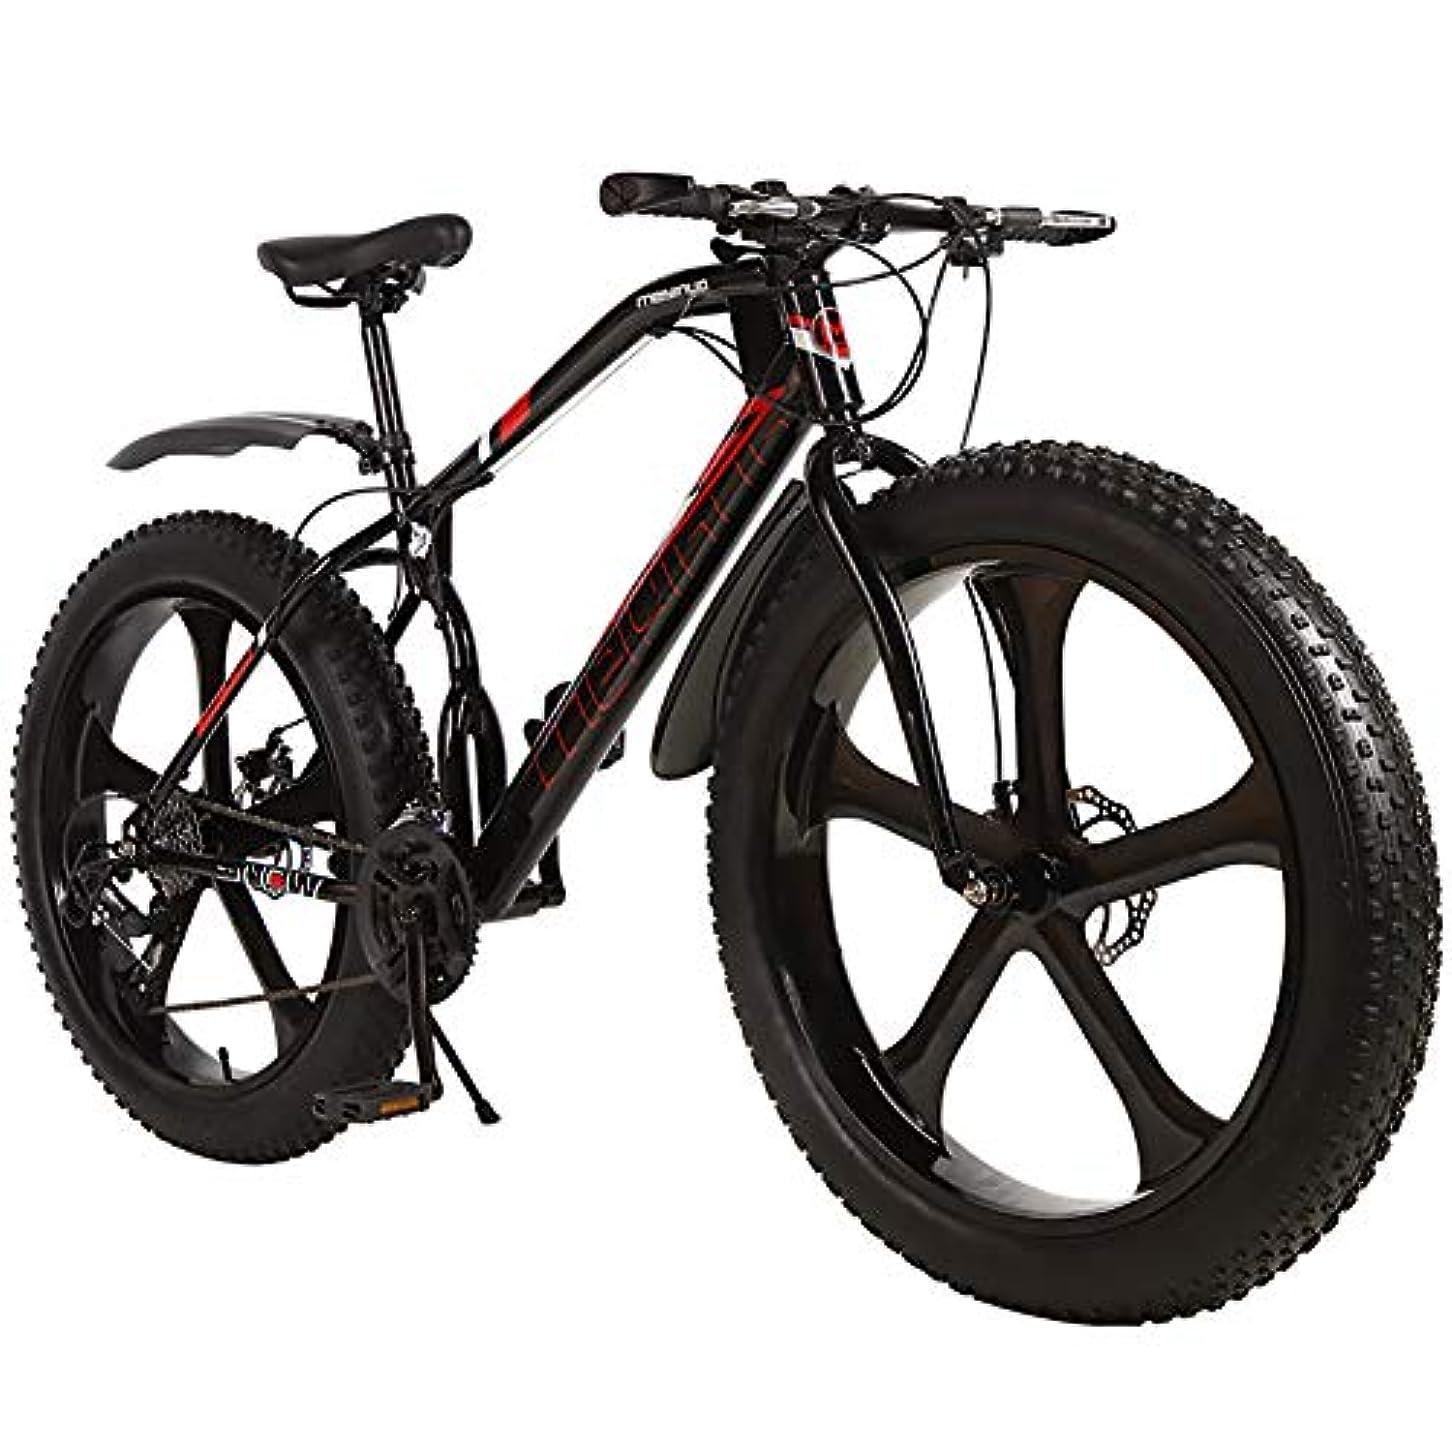 振る舞い学士書店アウトロード 脂肪タイヤ マウンテンバイク 男性,雪 バイク 26インチ 段変速,ダブルディスクブレーキ アンチスリップ 自転車 5 スポーク タイヤ